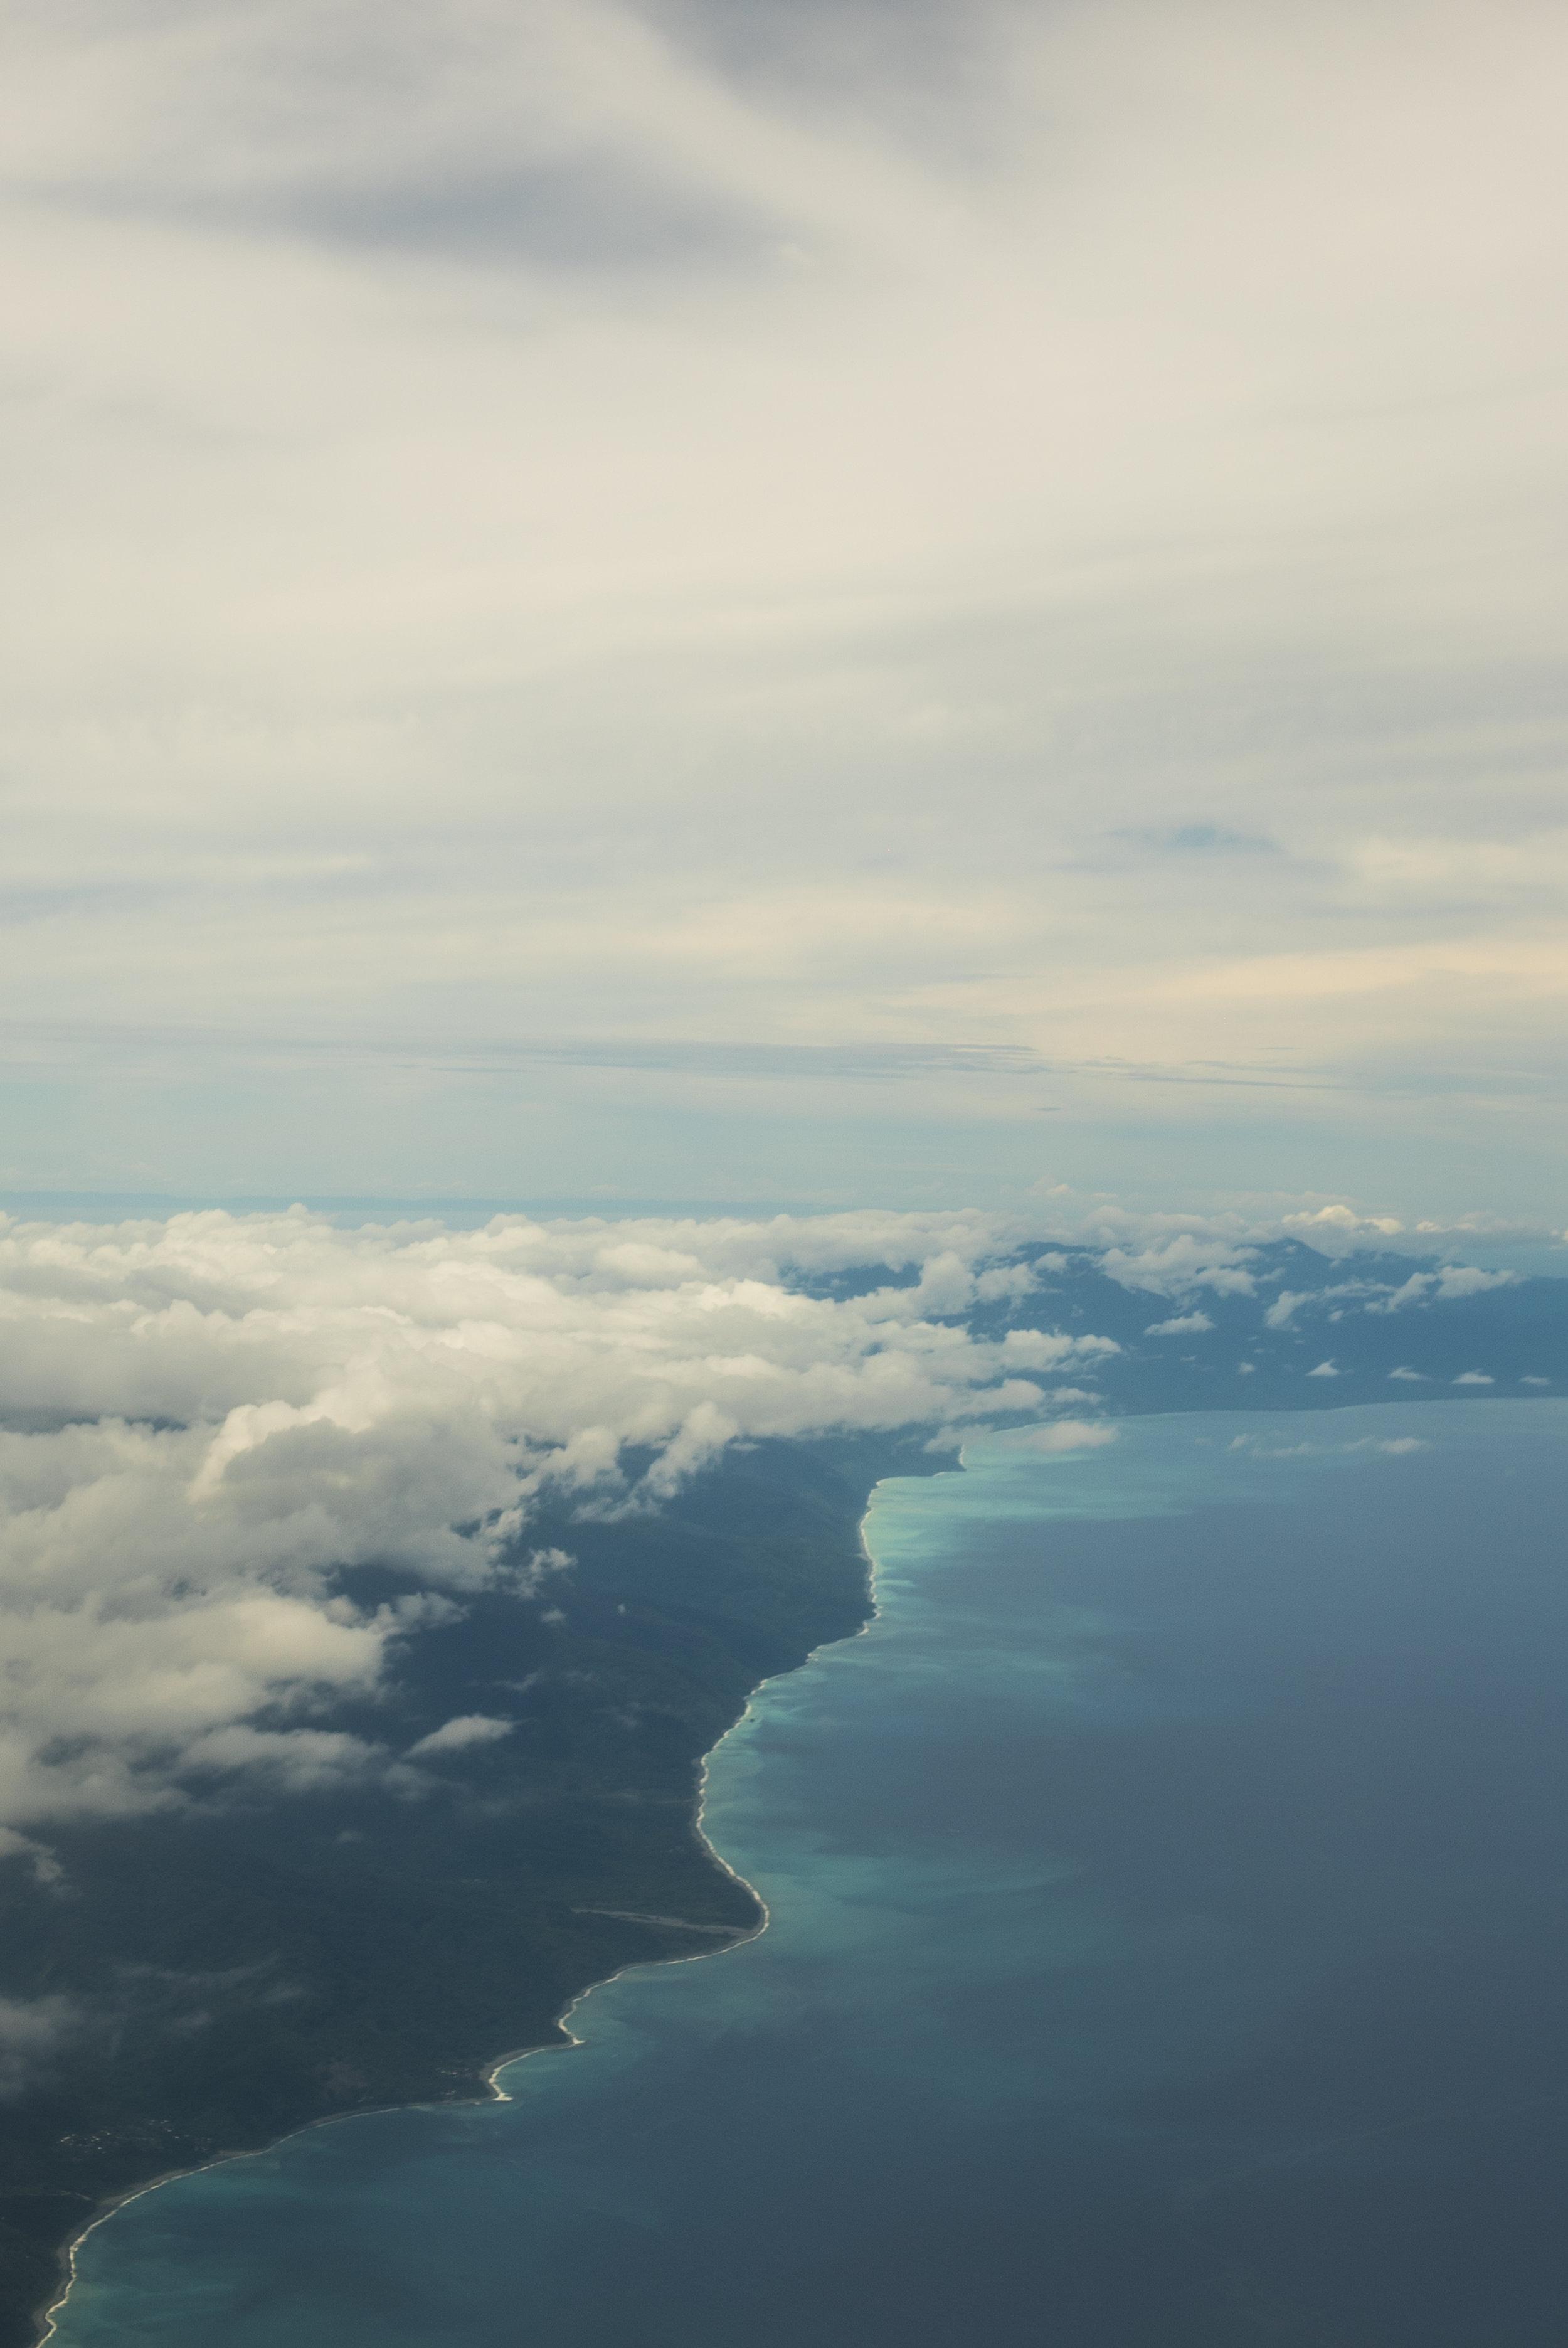 Guadalcanal1.jpg